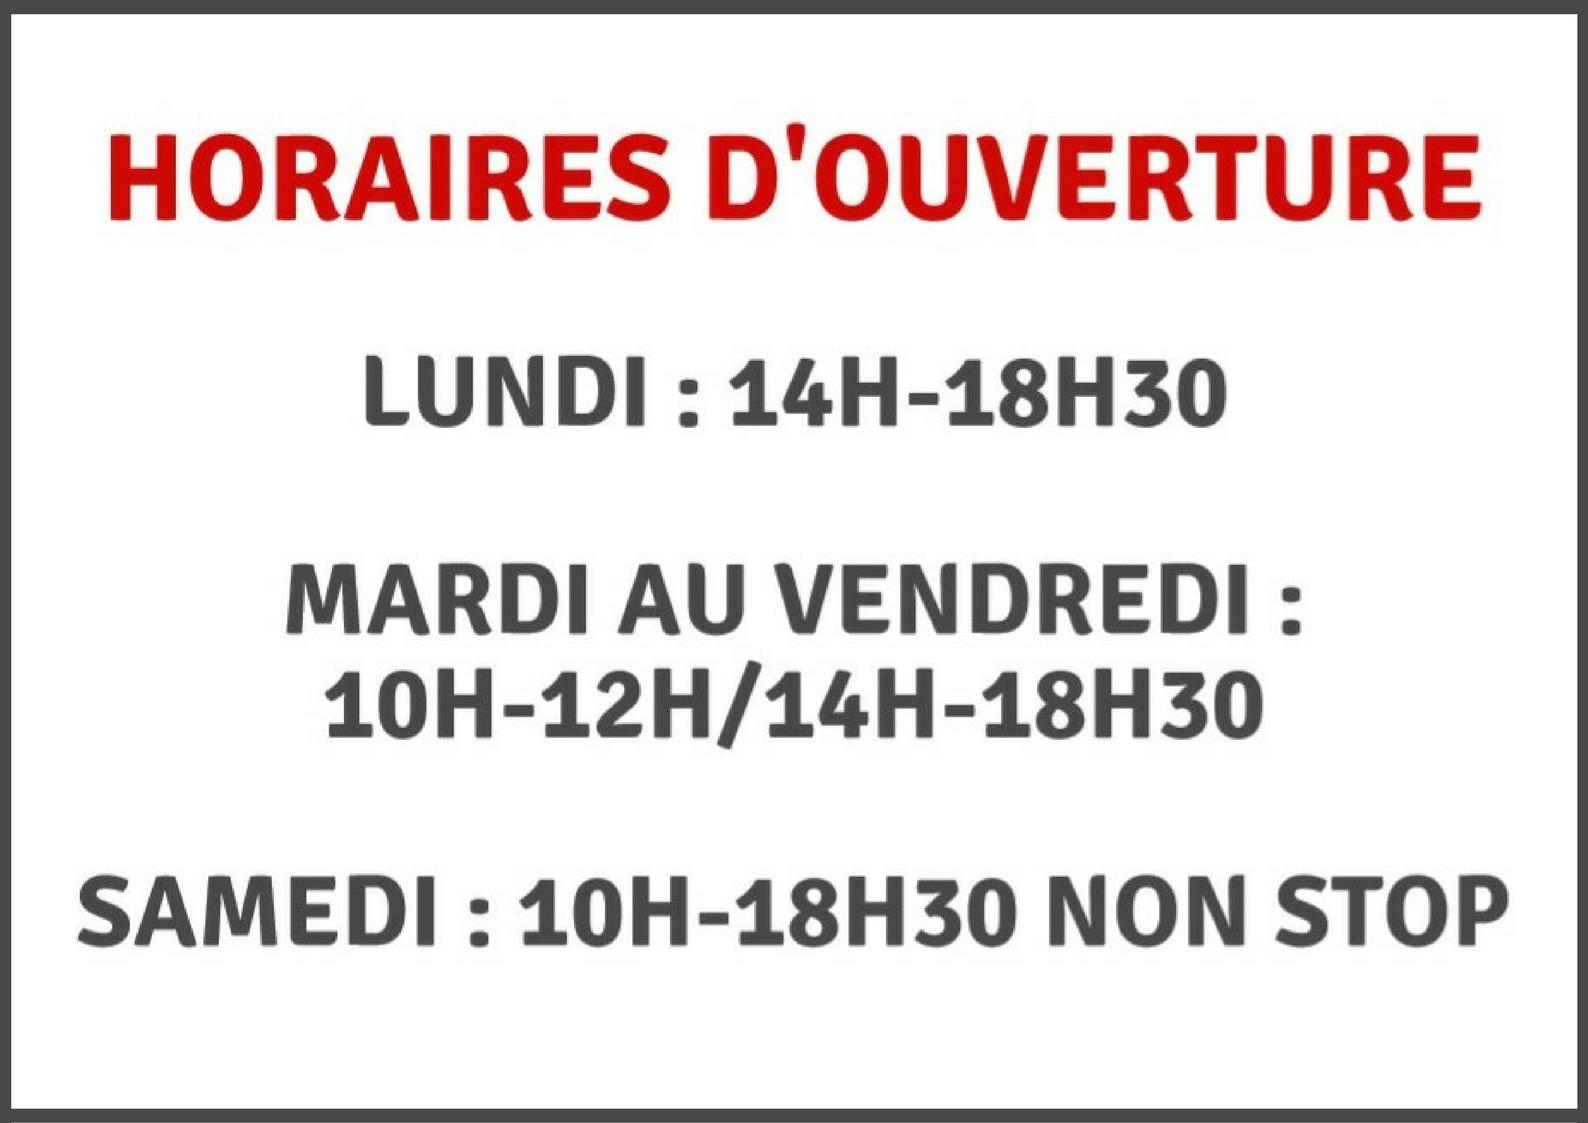 HORAIRES D'OUVERTURE(1)